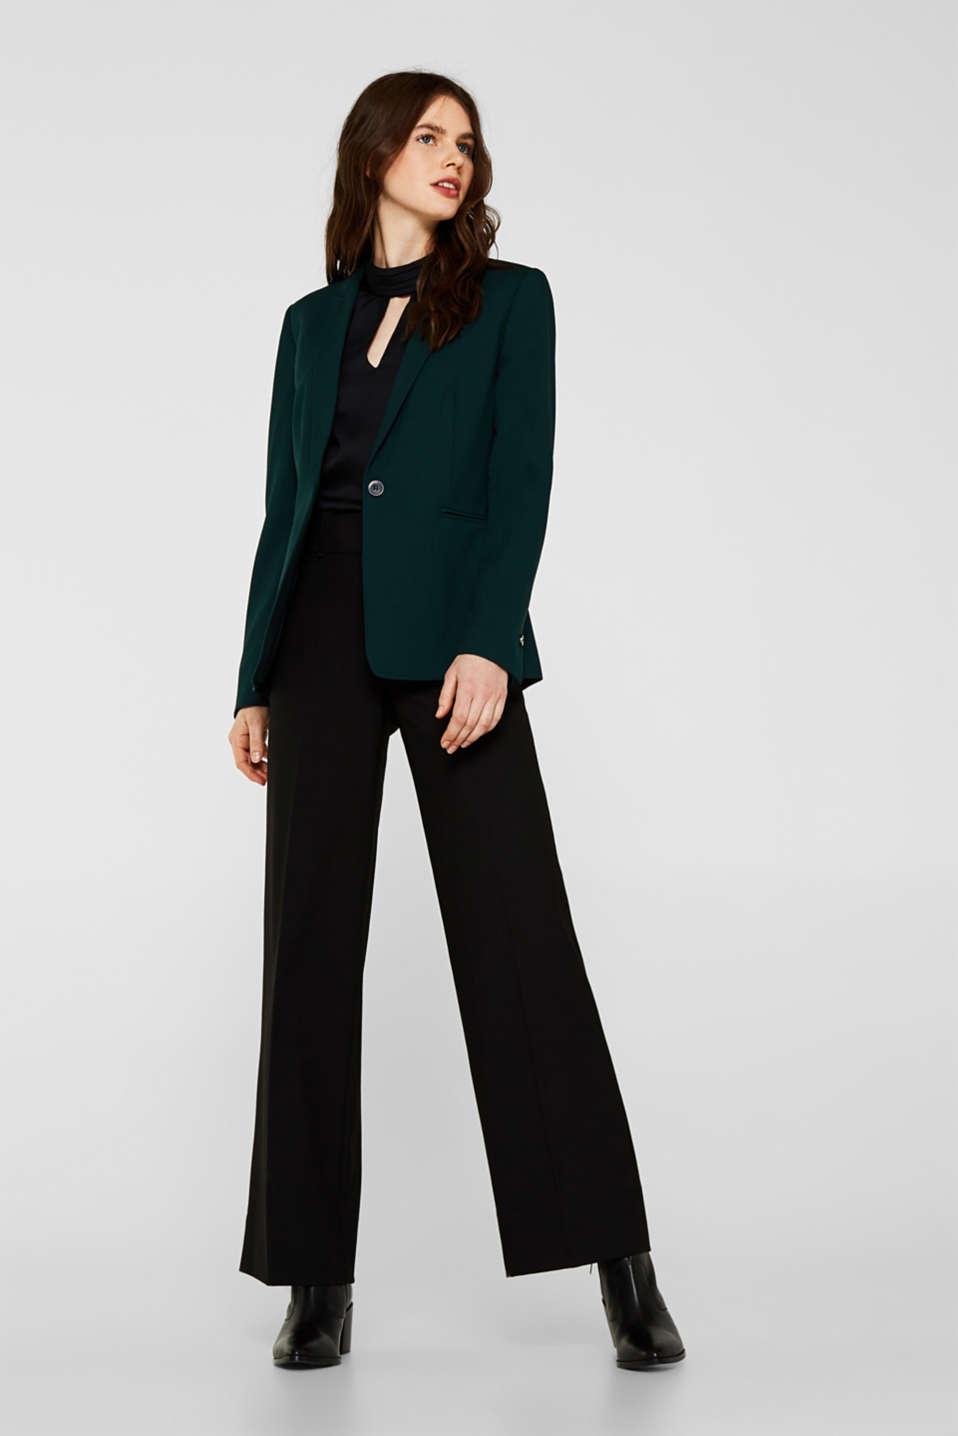 STITCHING mix + match stretch blazer, DARK TEAL GREEN 2, detail image number 1